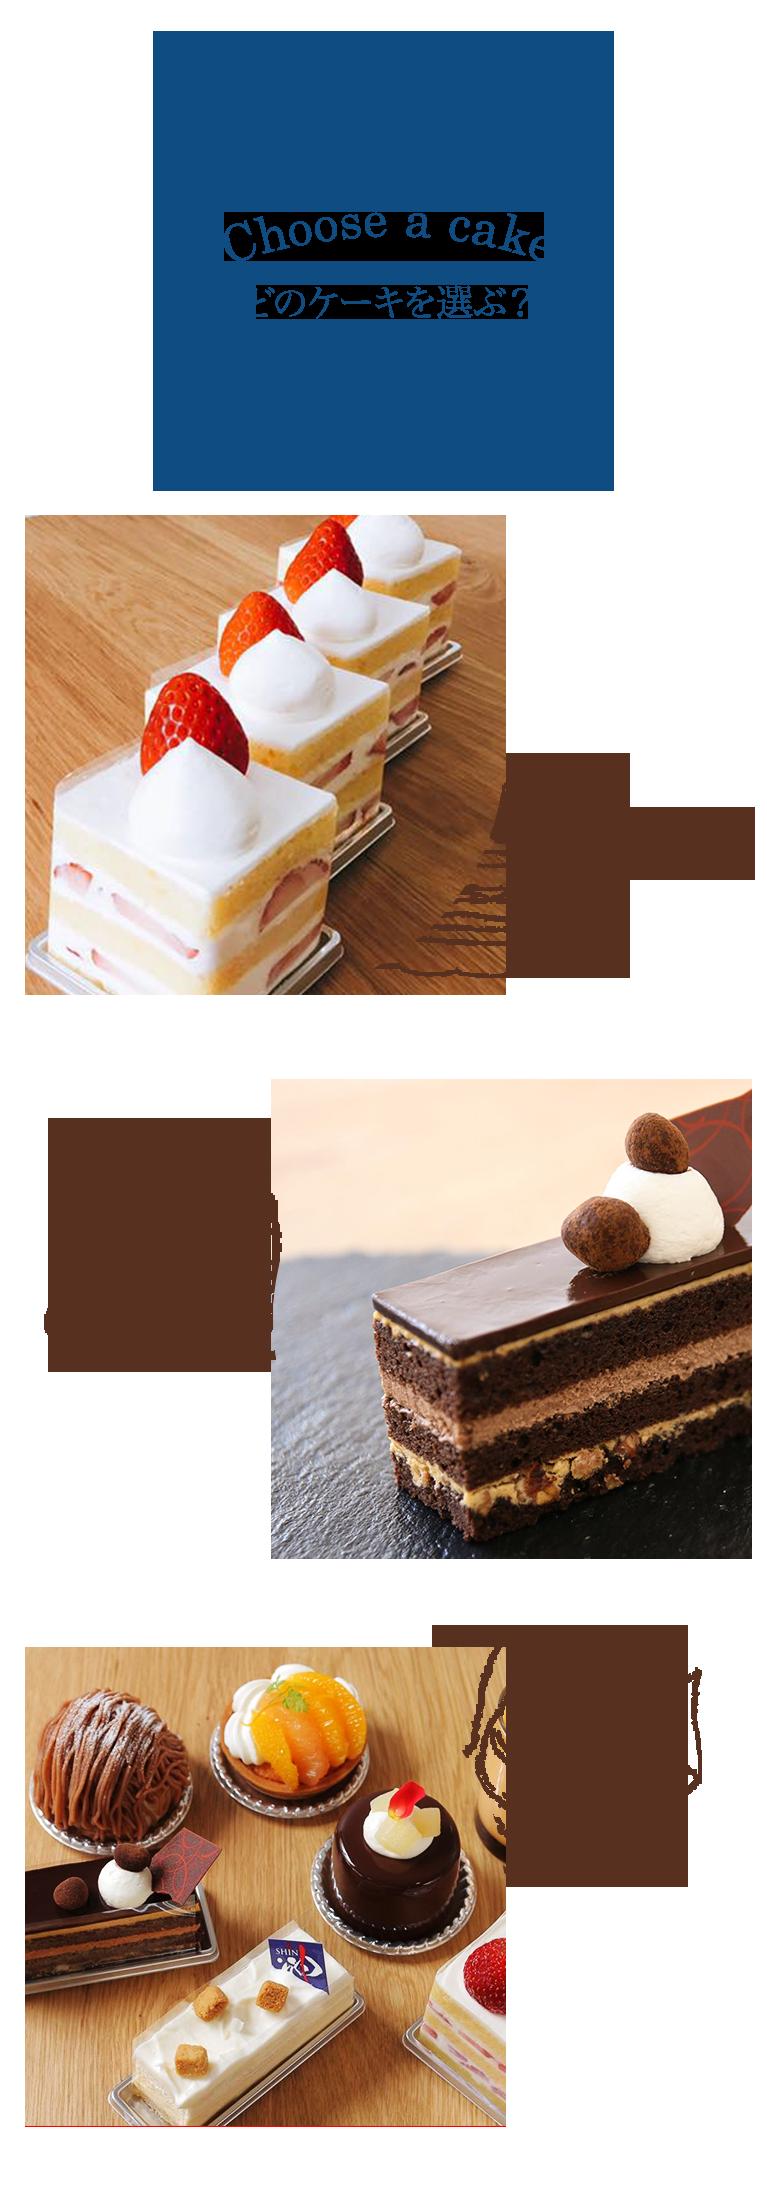 どのケーキを選ぶ?